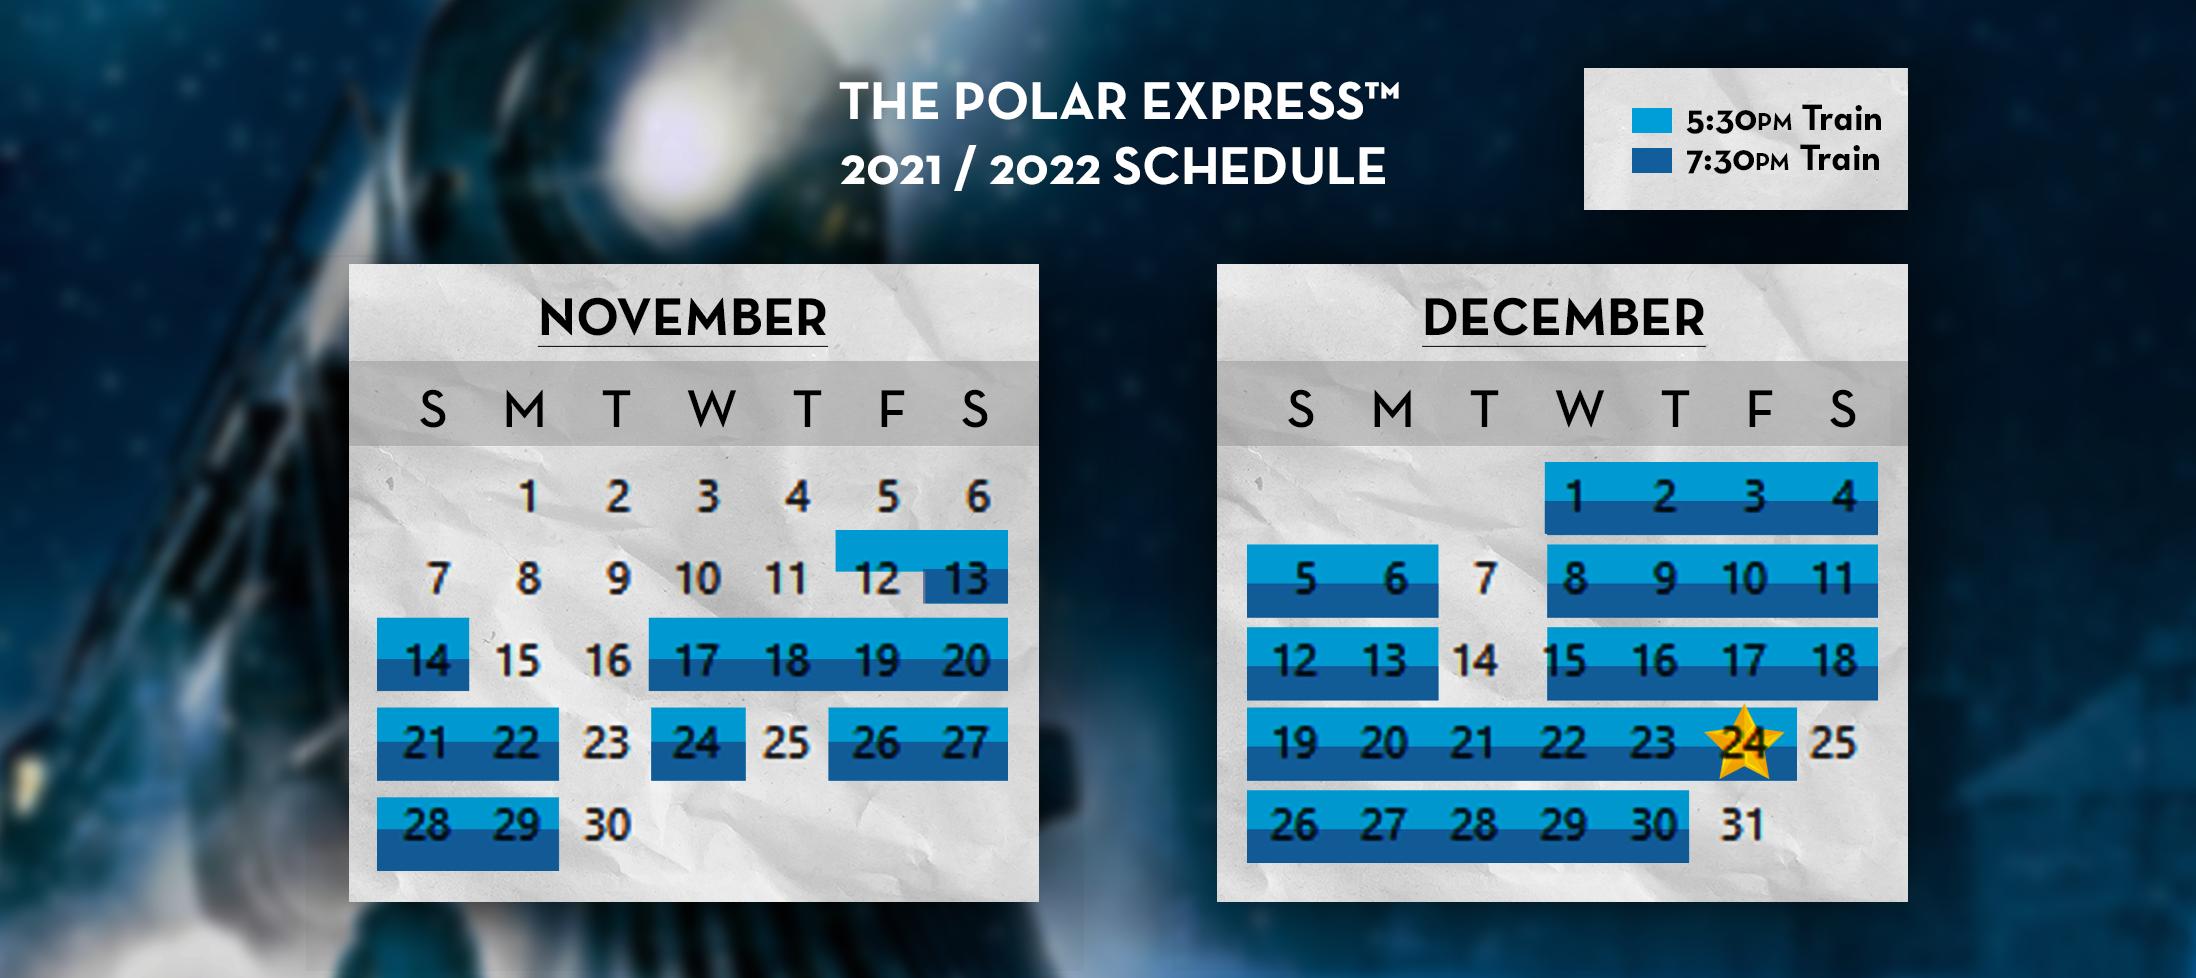 Polar Express 2021